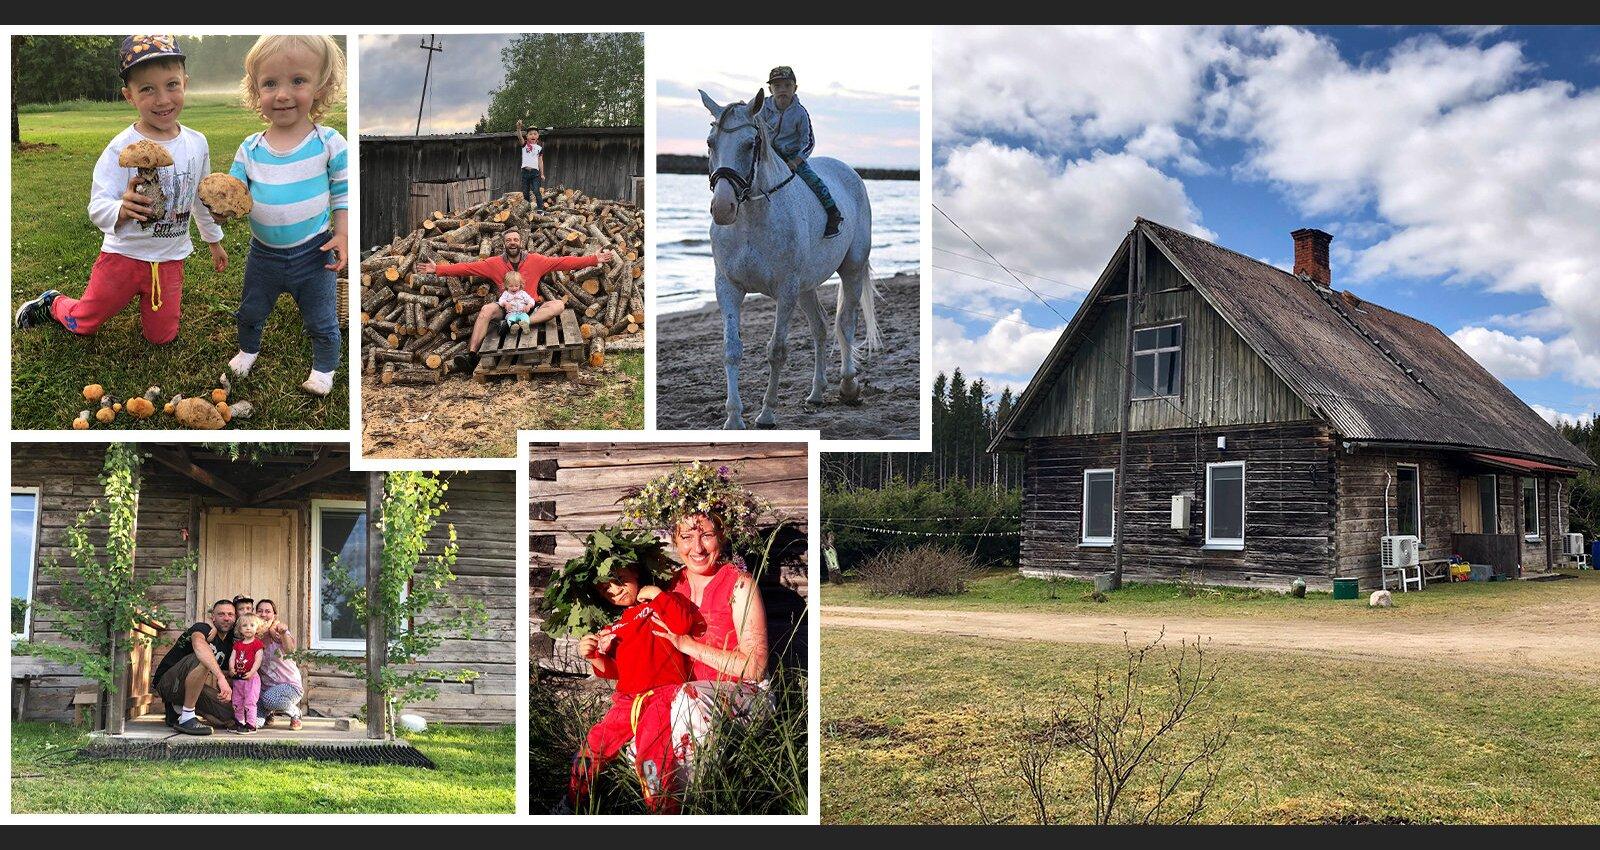 No Rīgas uz lauku viensētu. Harēviču ģimenes stāsts